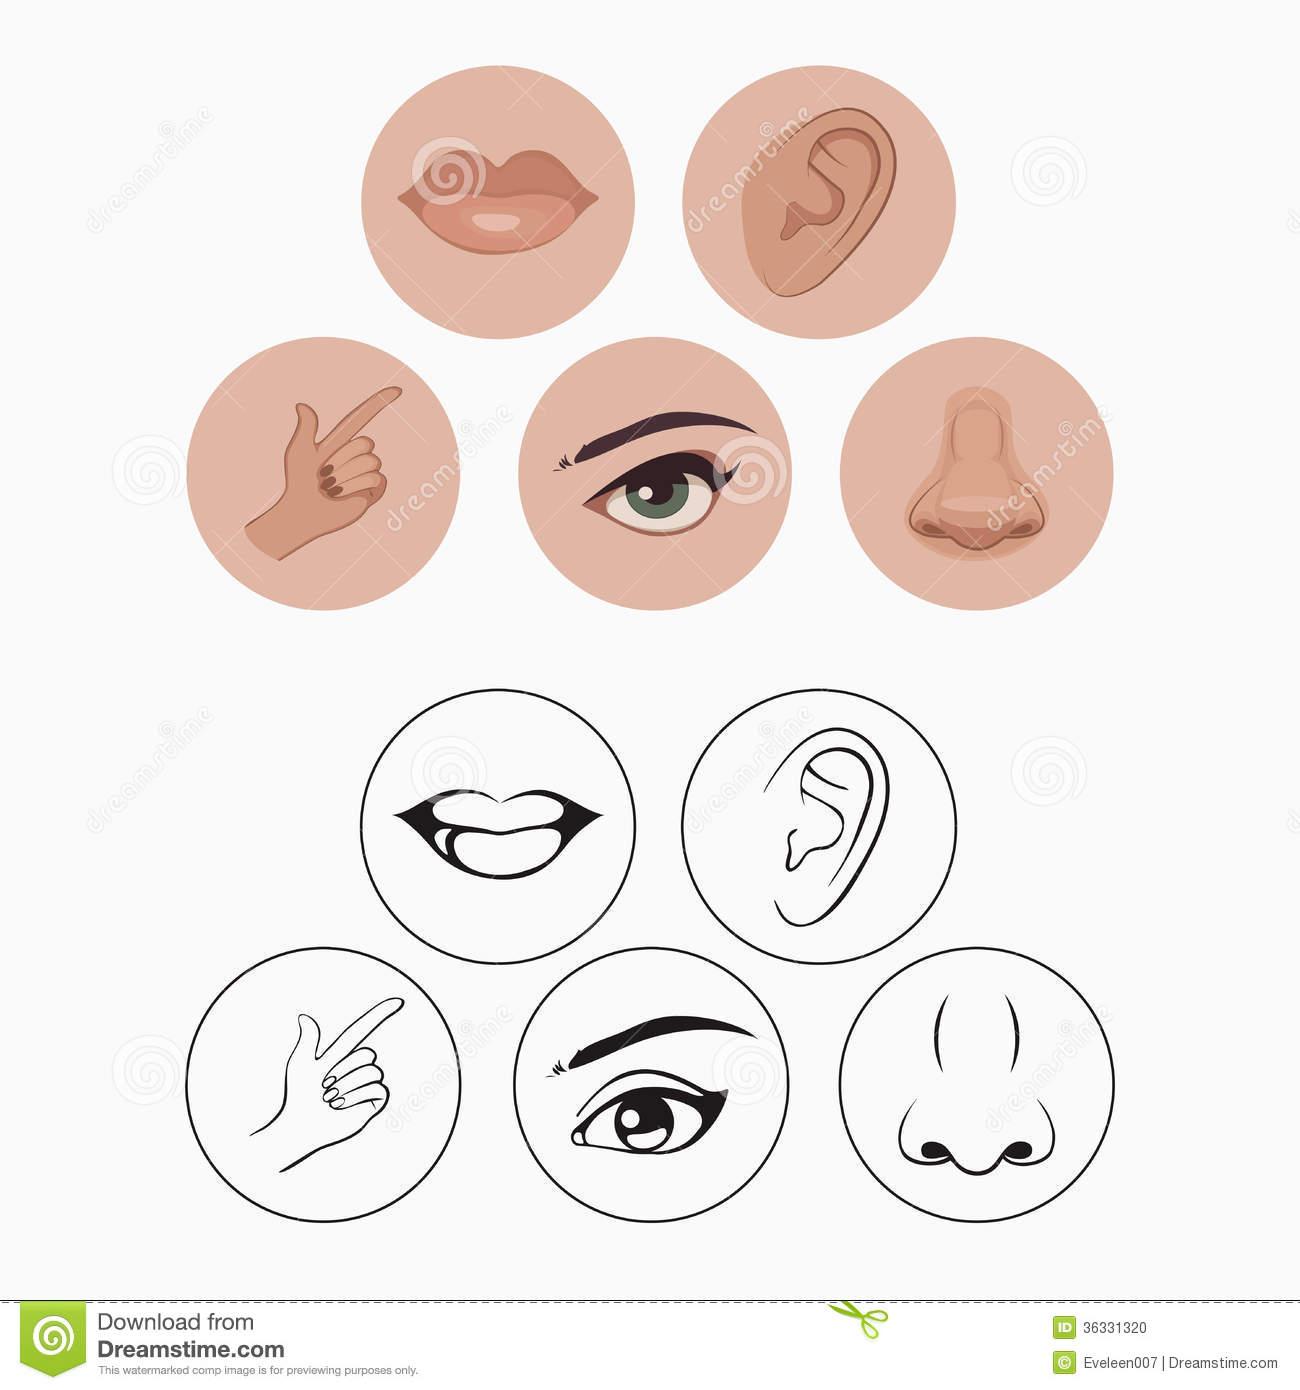 Five Senses,-Five senses,-7